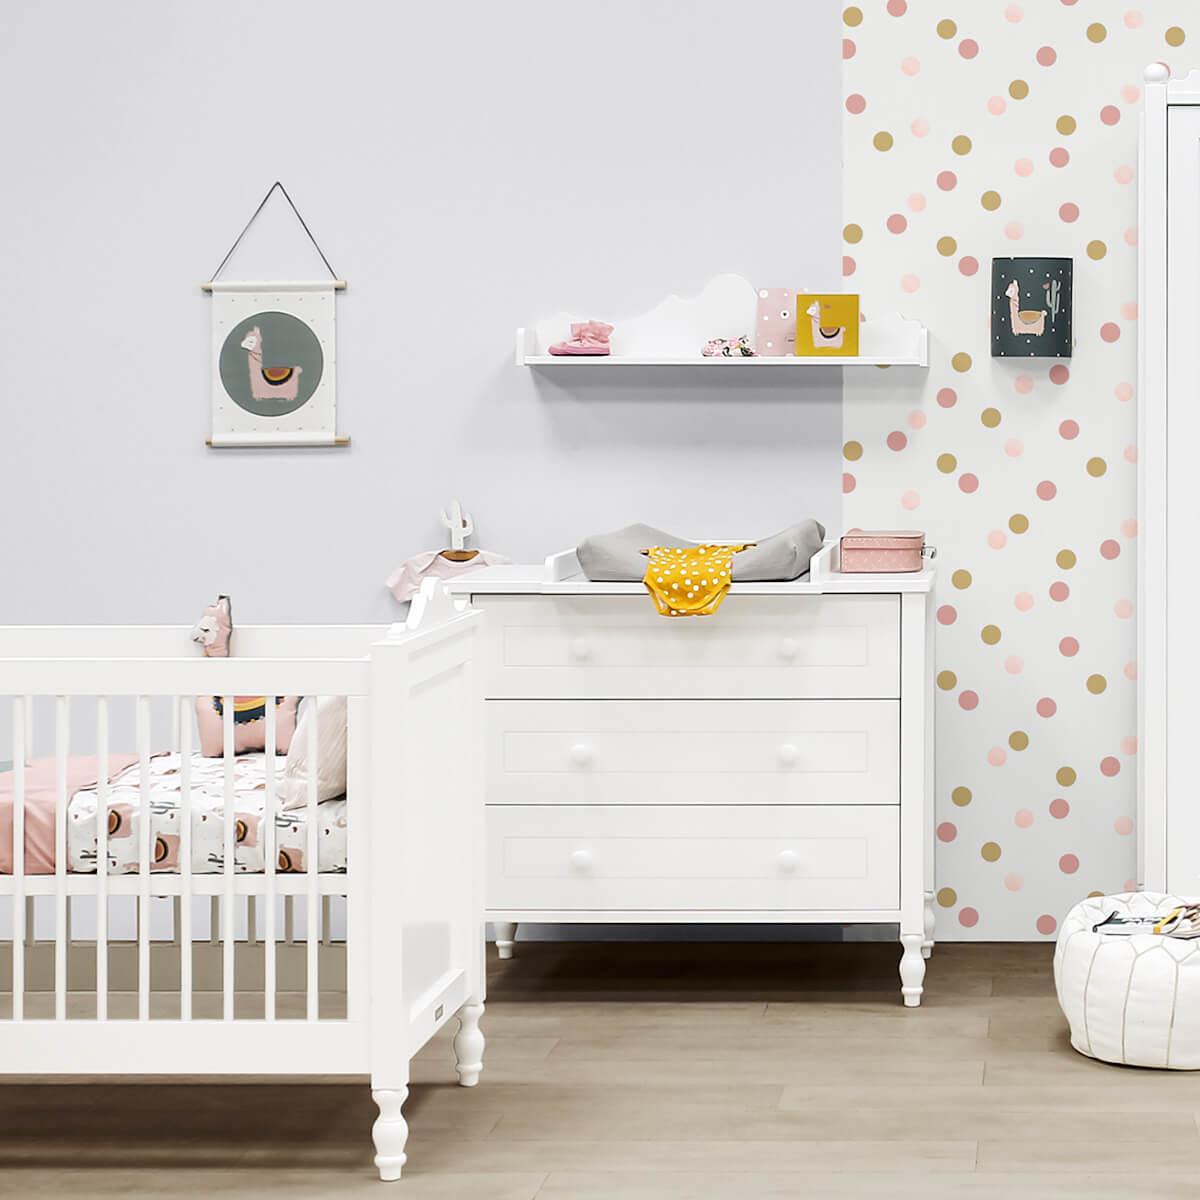 Babybett mitwachsend 70x140cm BELLE Bopita Blanc